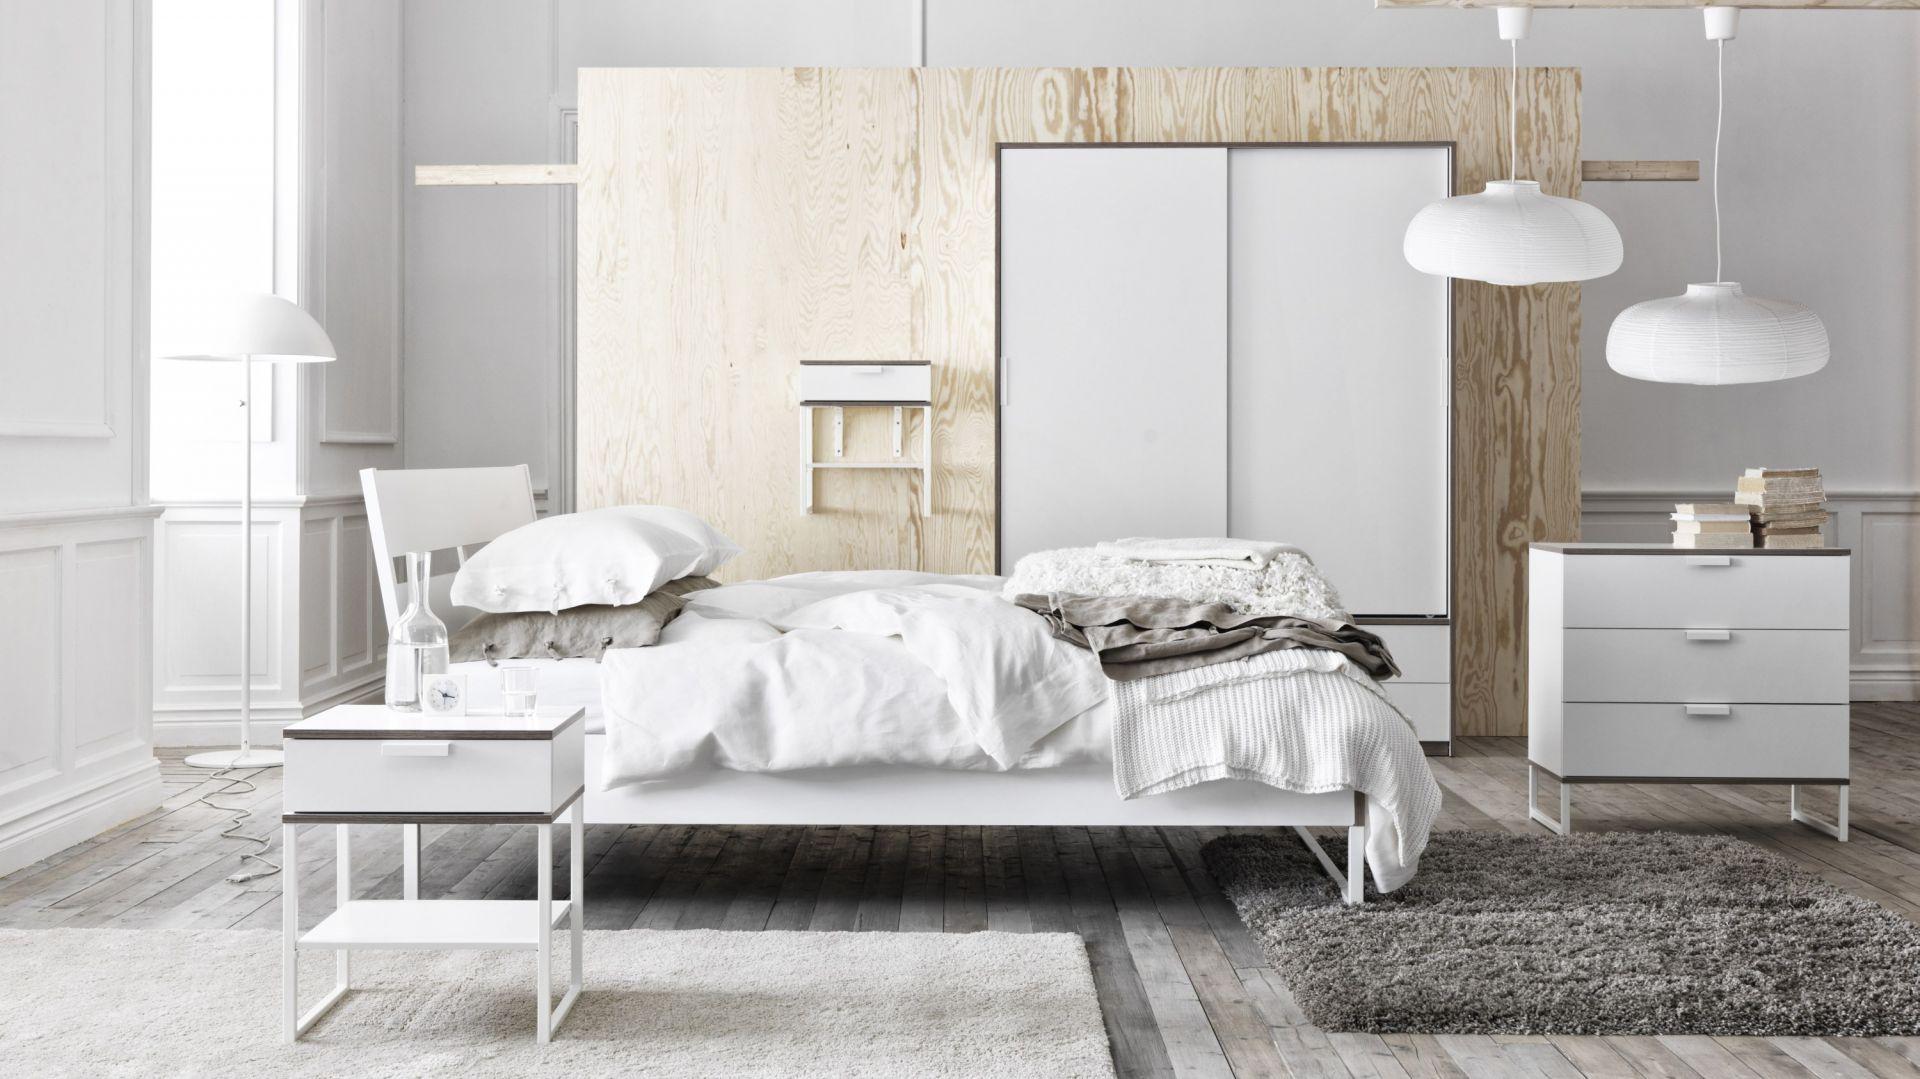 Wybieramy Kolor ścian W Sypialni Neutralne Barwy Inspiracje